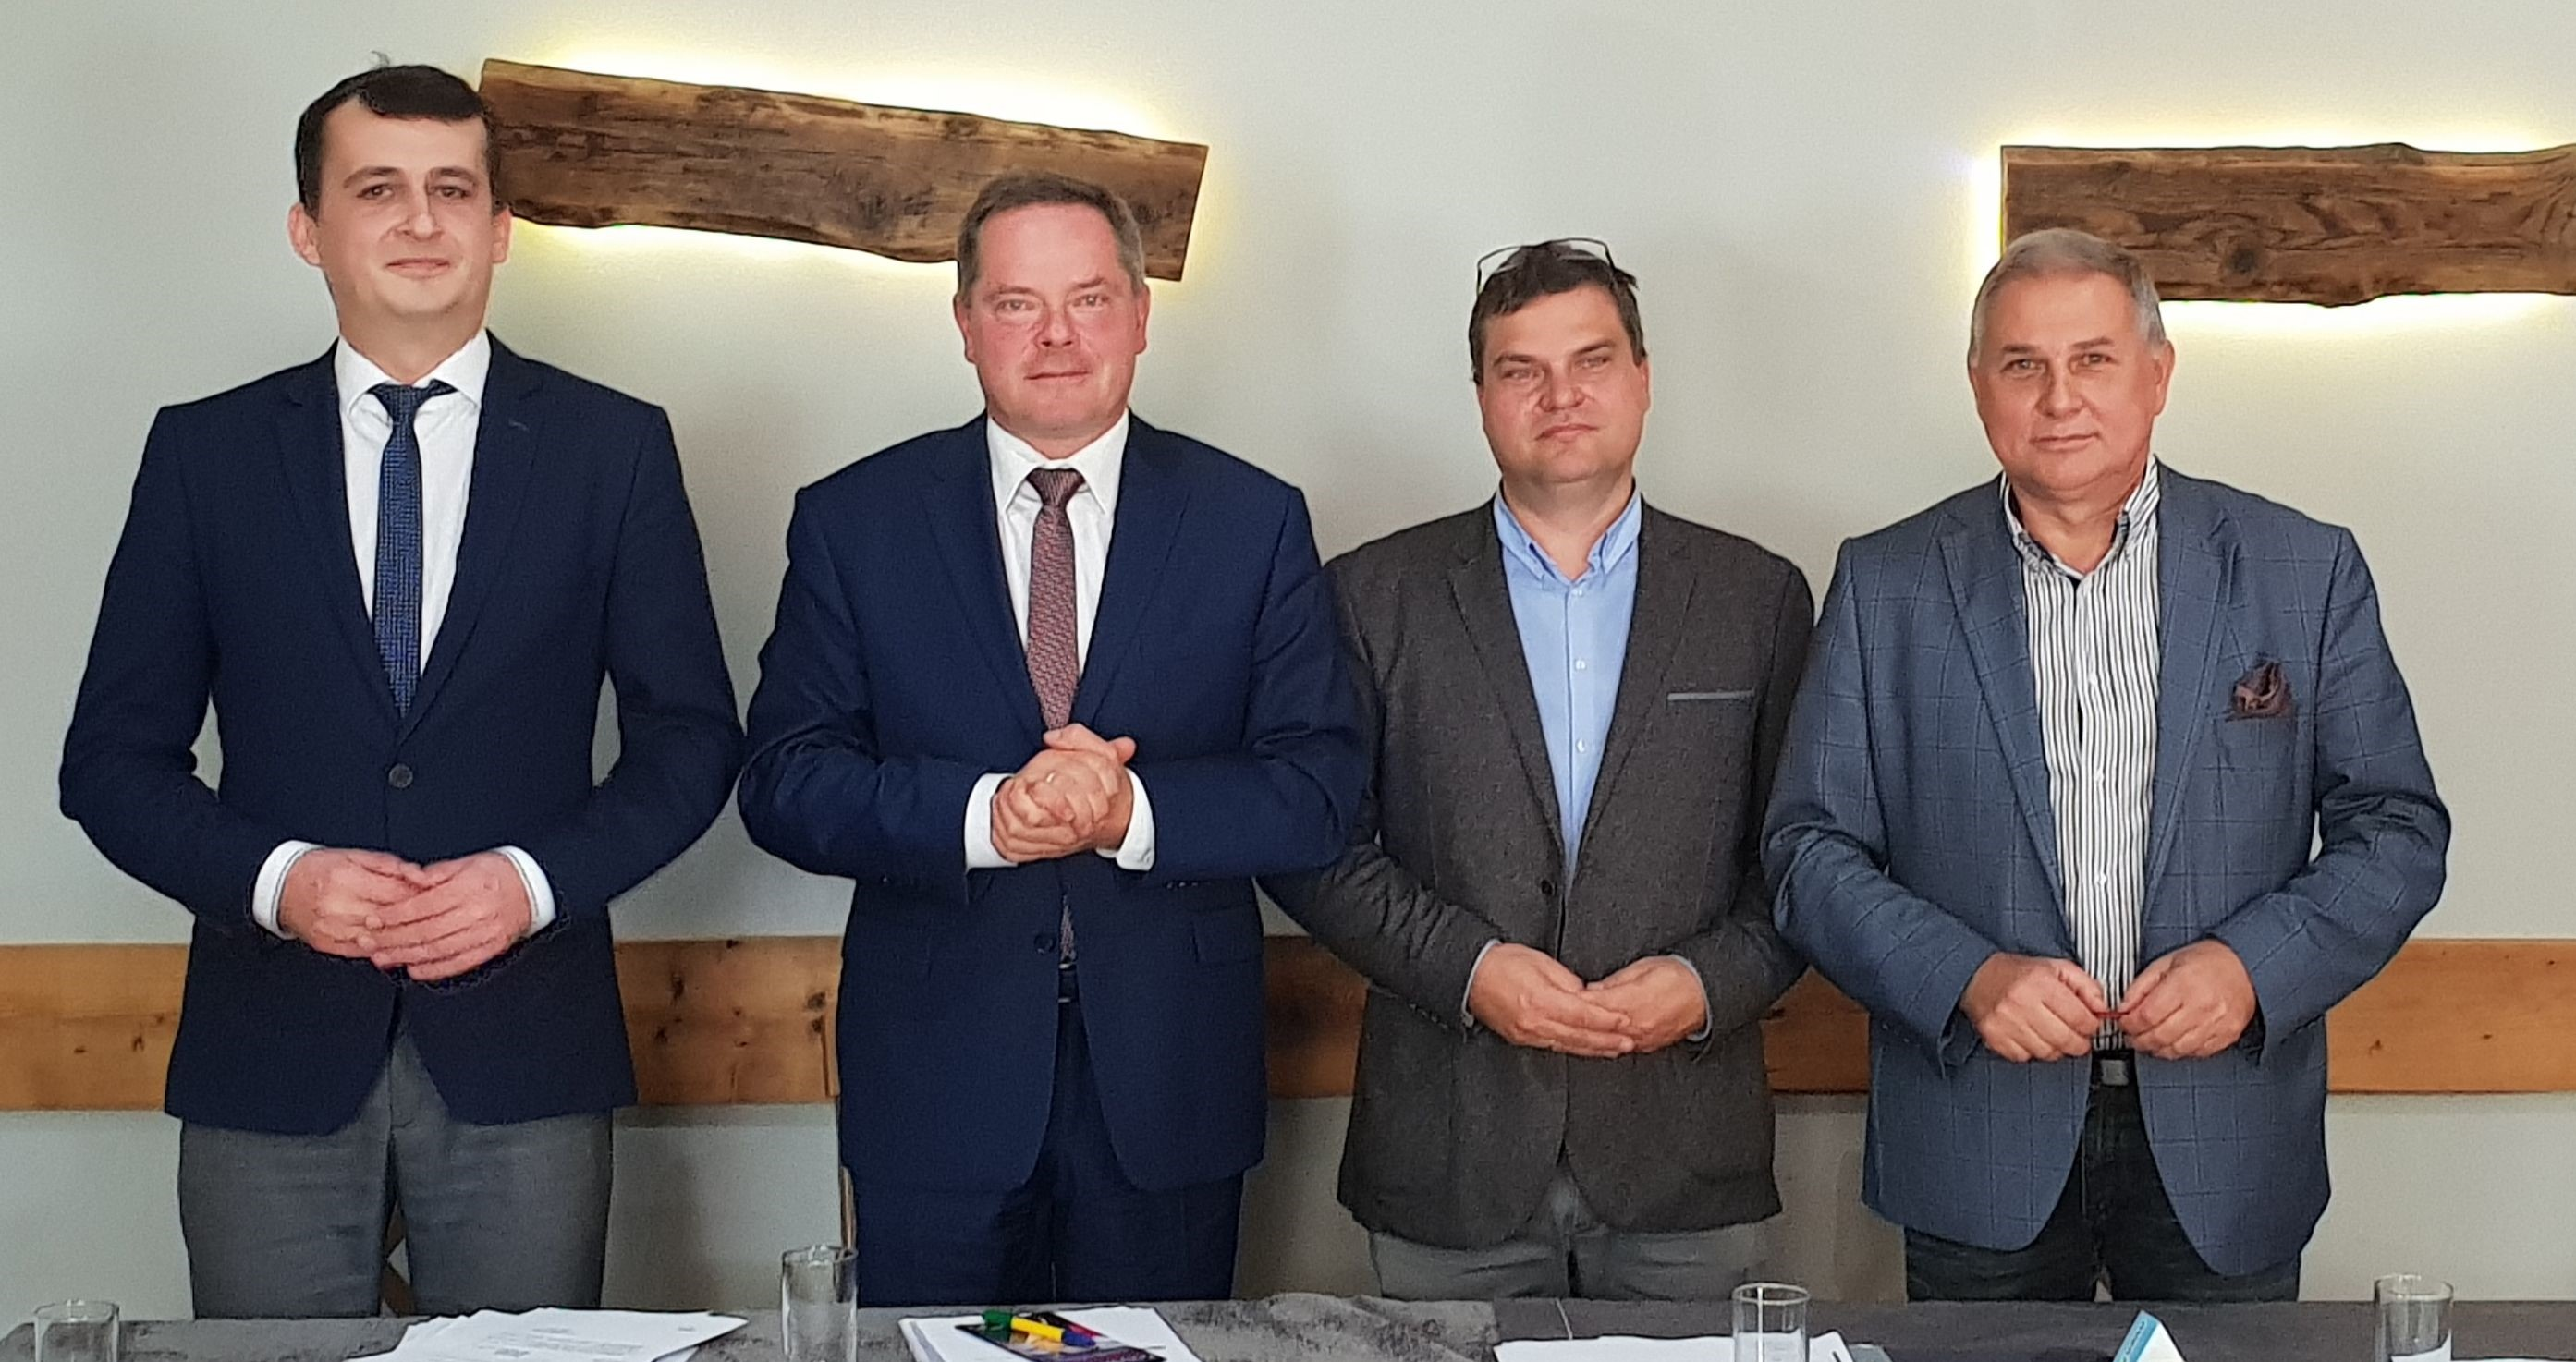 Debata kandydatów na stanowisko burmistrza gminy Andrychów